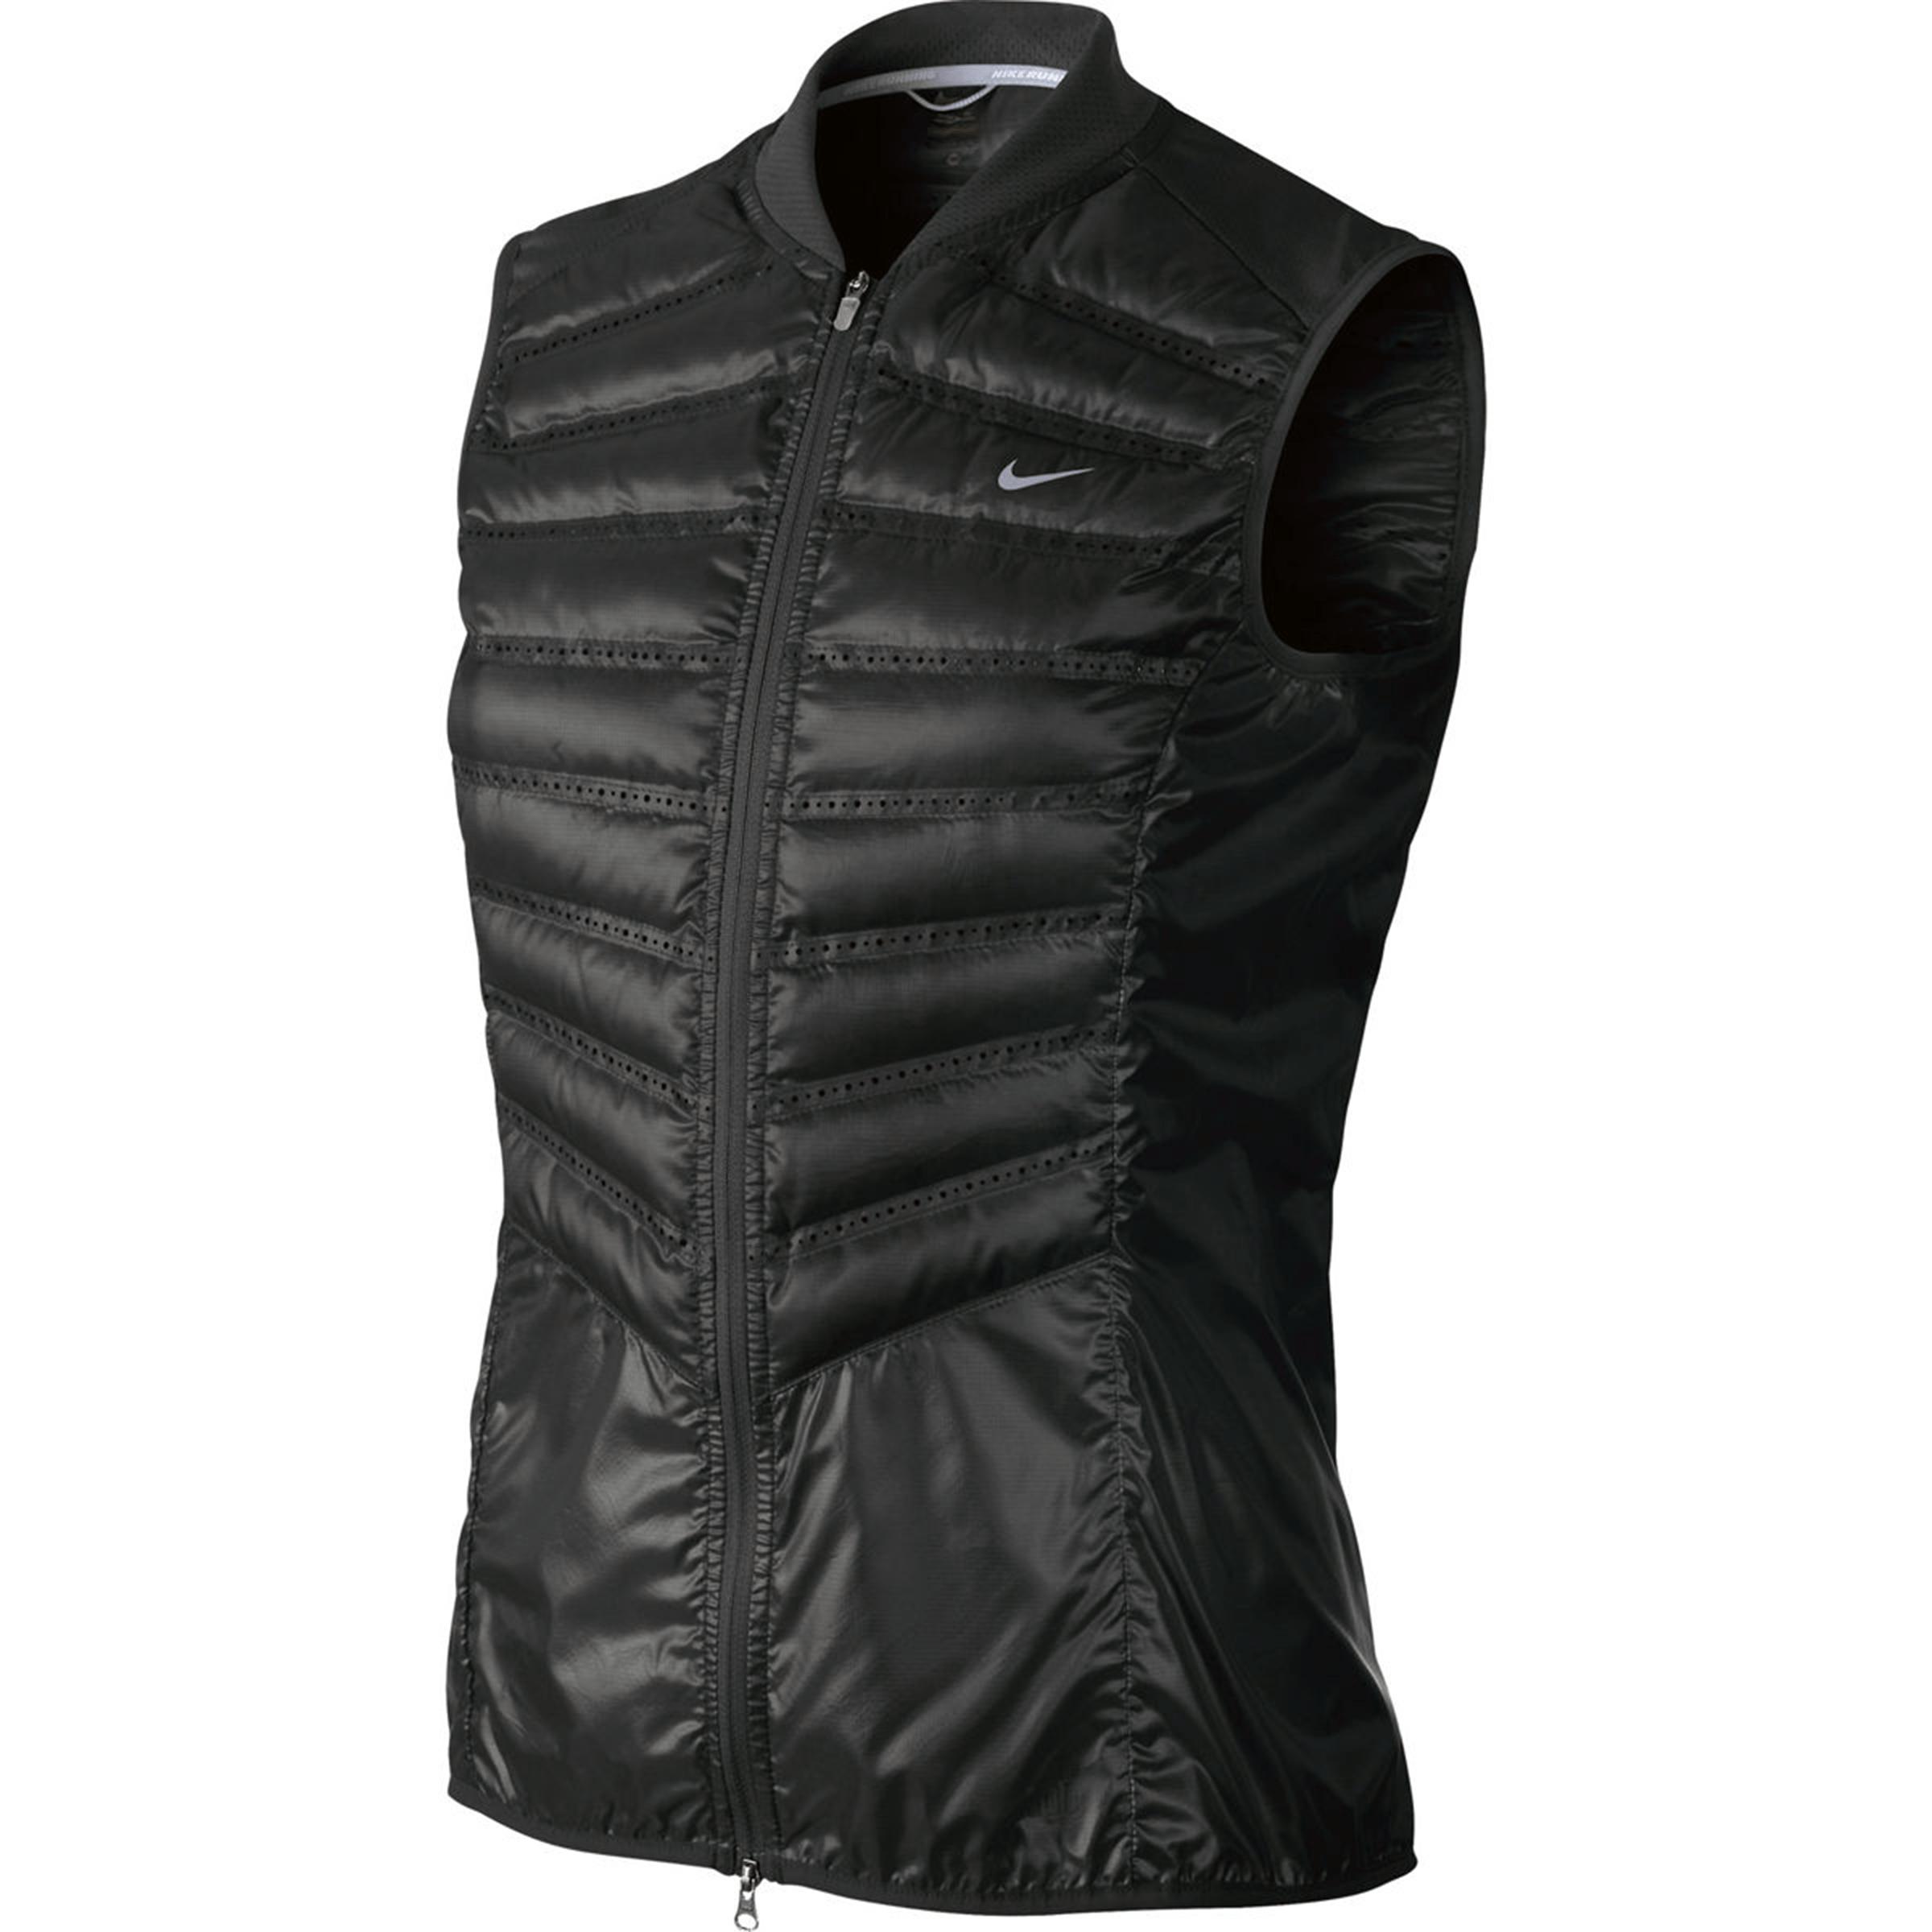 DesignApplause  Nike aeroloft insulated running vest